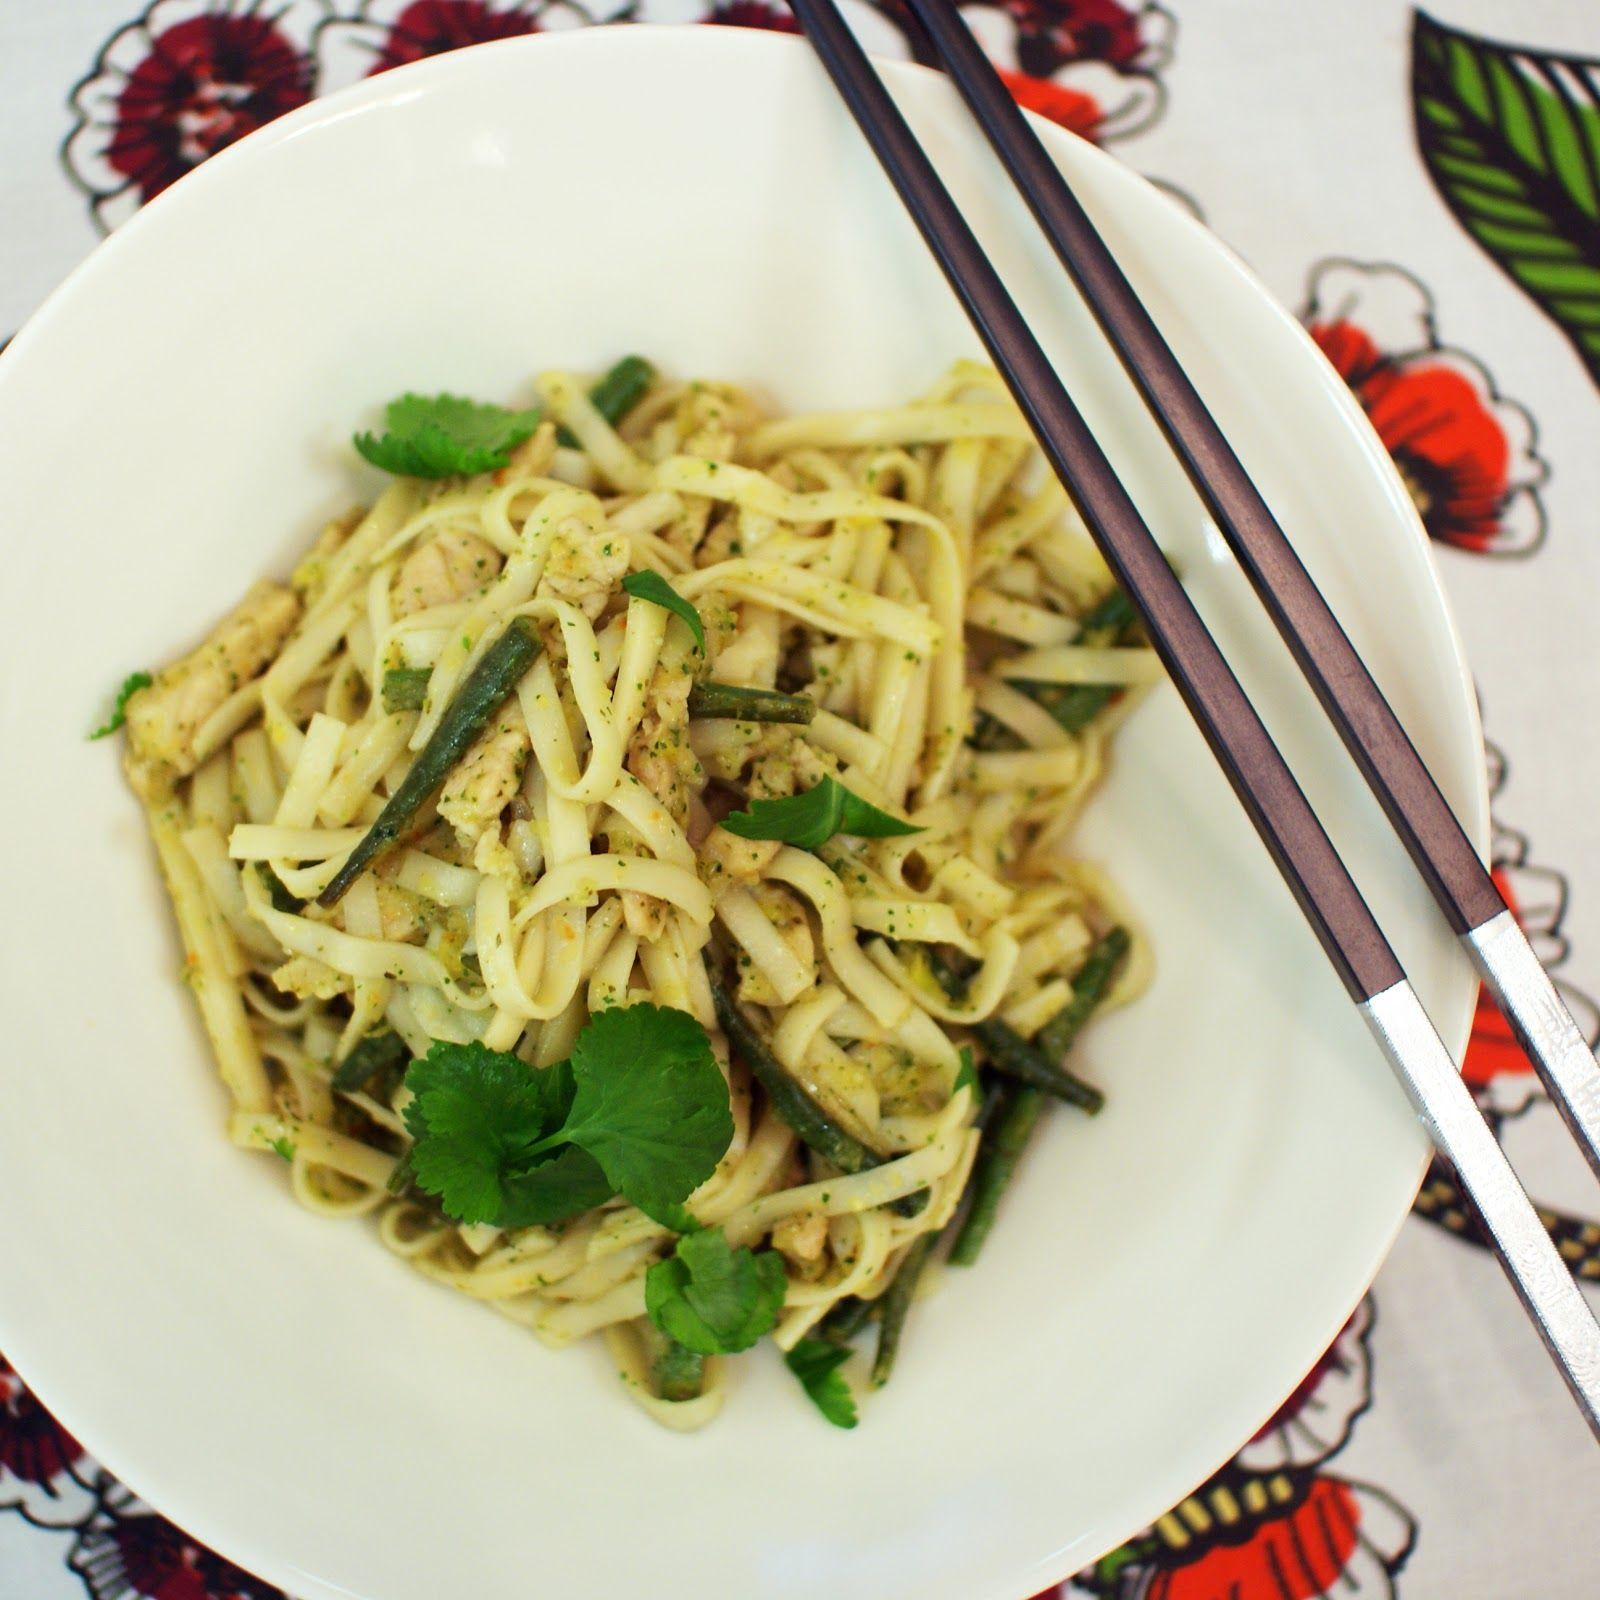 Keittotaiteilua: Korianteritahnalla maustettu porsas-nuudeliwok